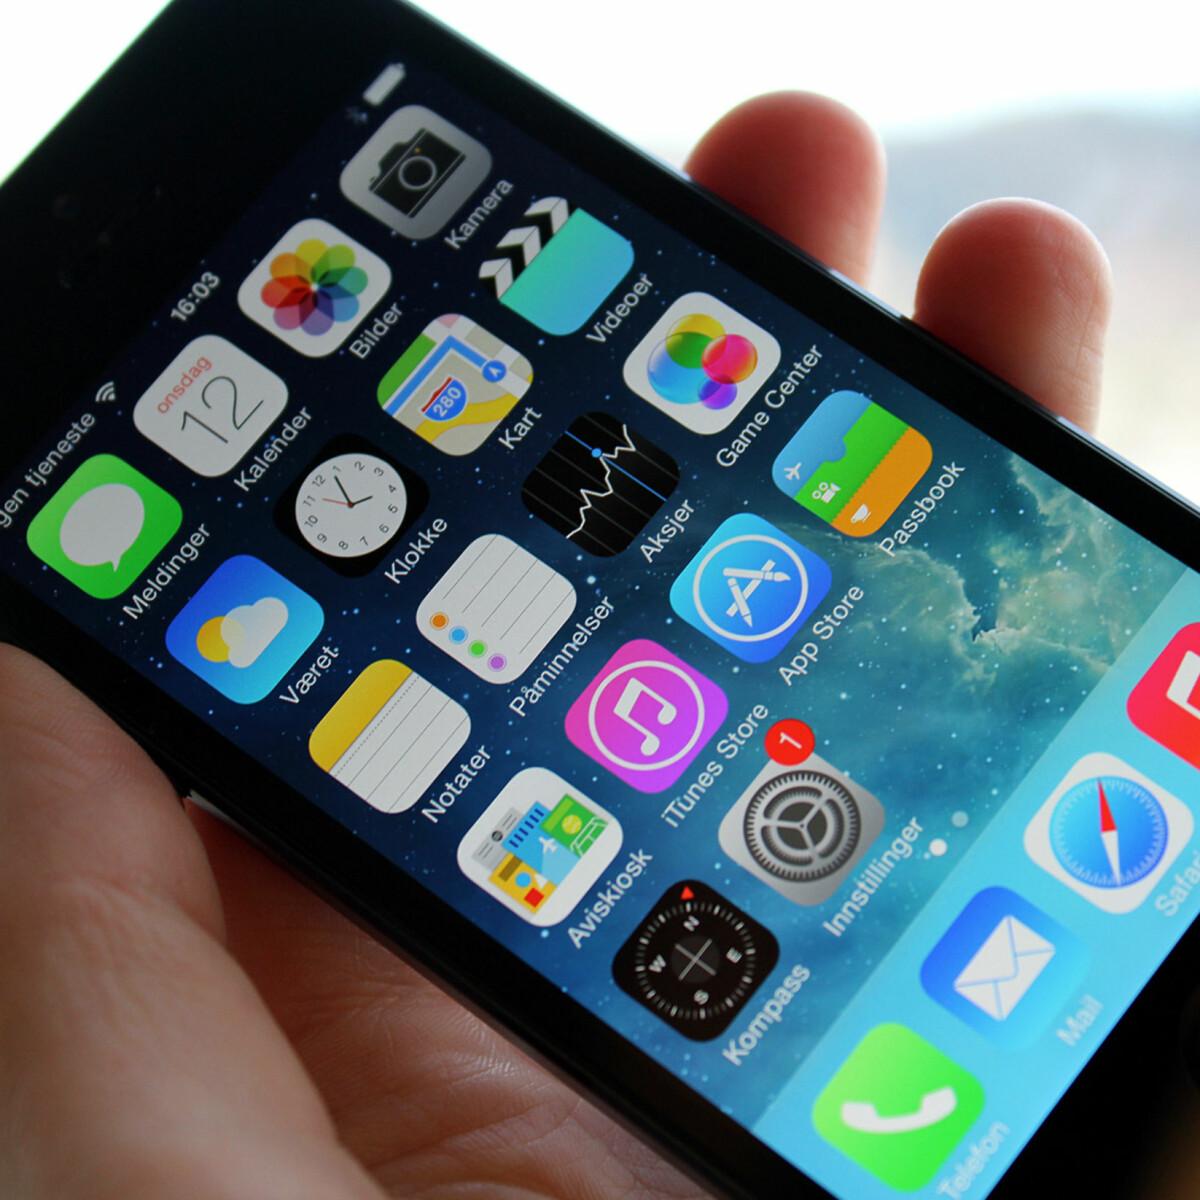 Finne min gammel iphone er hvor ut hvordan Har du